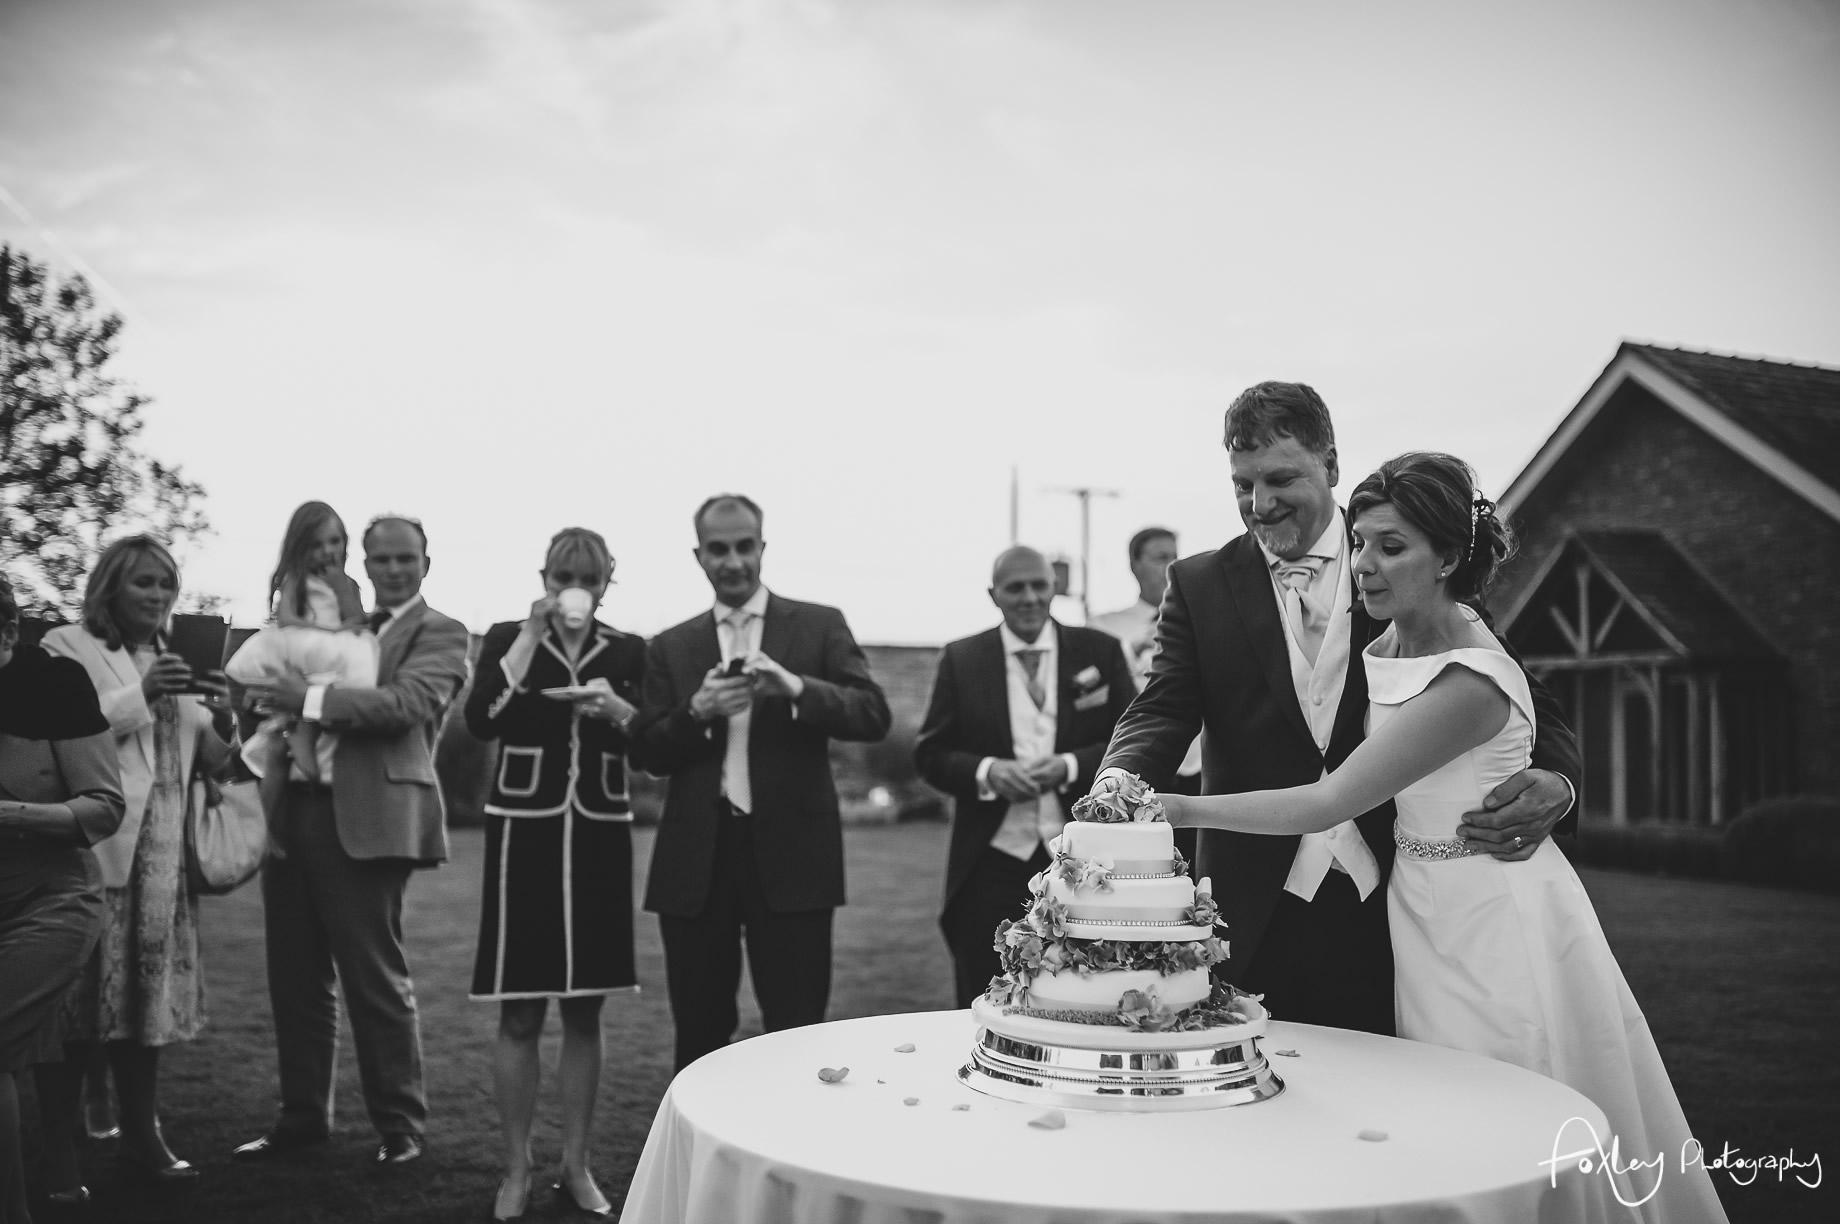 Simona-and-Robert-Wedding-at-Colshaw-Hall-146